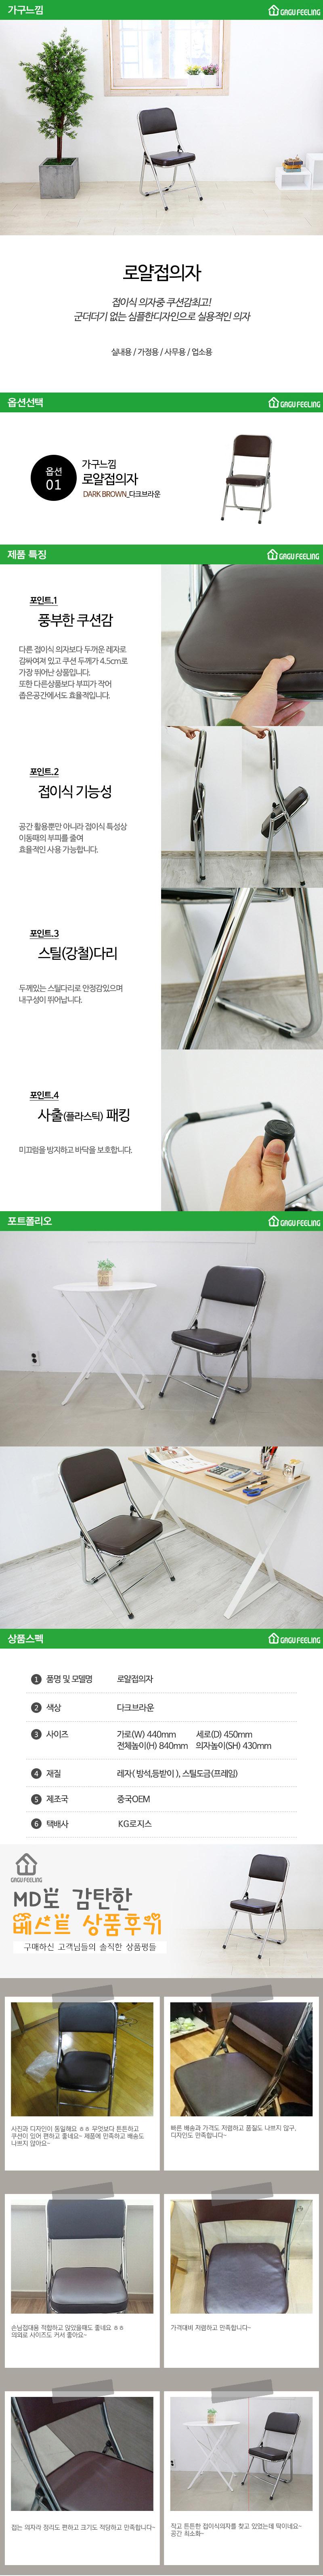 [가구느낌] 로얄접의자 접이식 회의용의자 - 가구느낌, 26,900원, 디자인 의자, 스틸의자